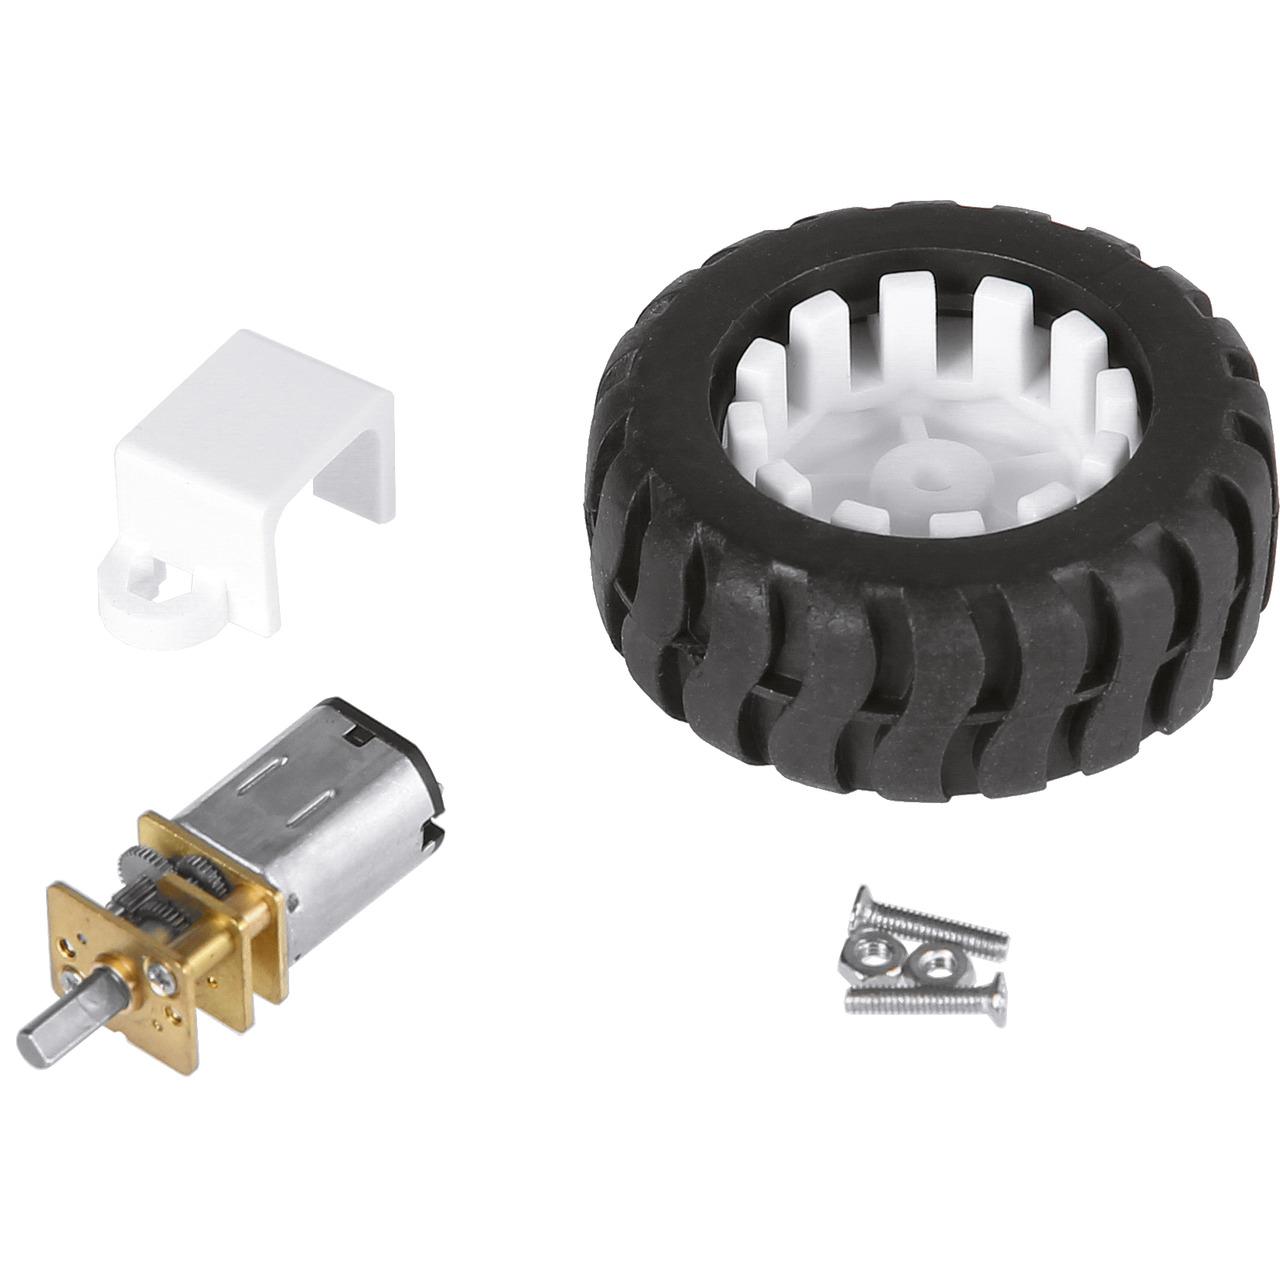 JOY-iT Getriebemotor com-motor03 mit Rad- ca- 300 min-1 bei 6 V